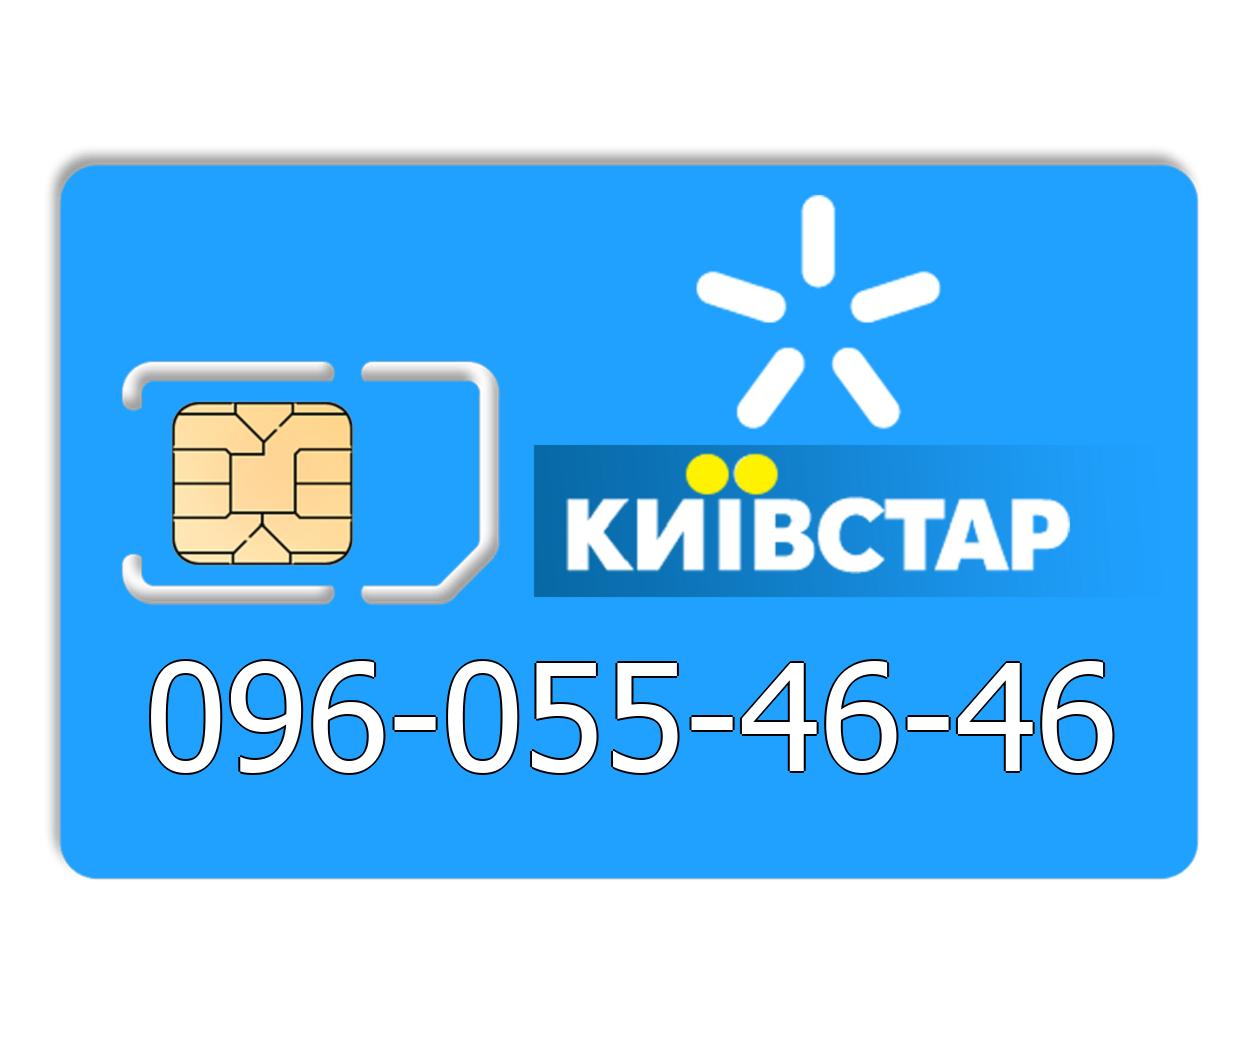 Красивый номер Киевстар 096-055-46-46